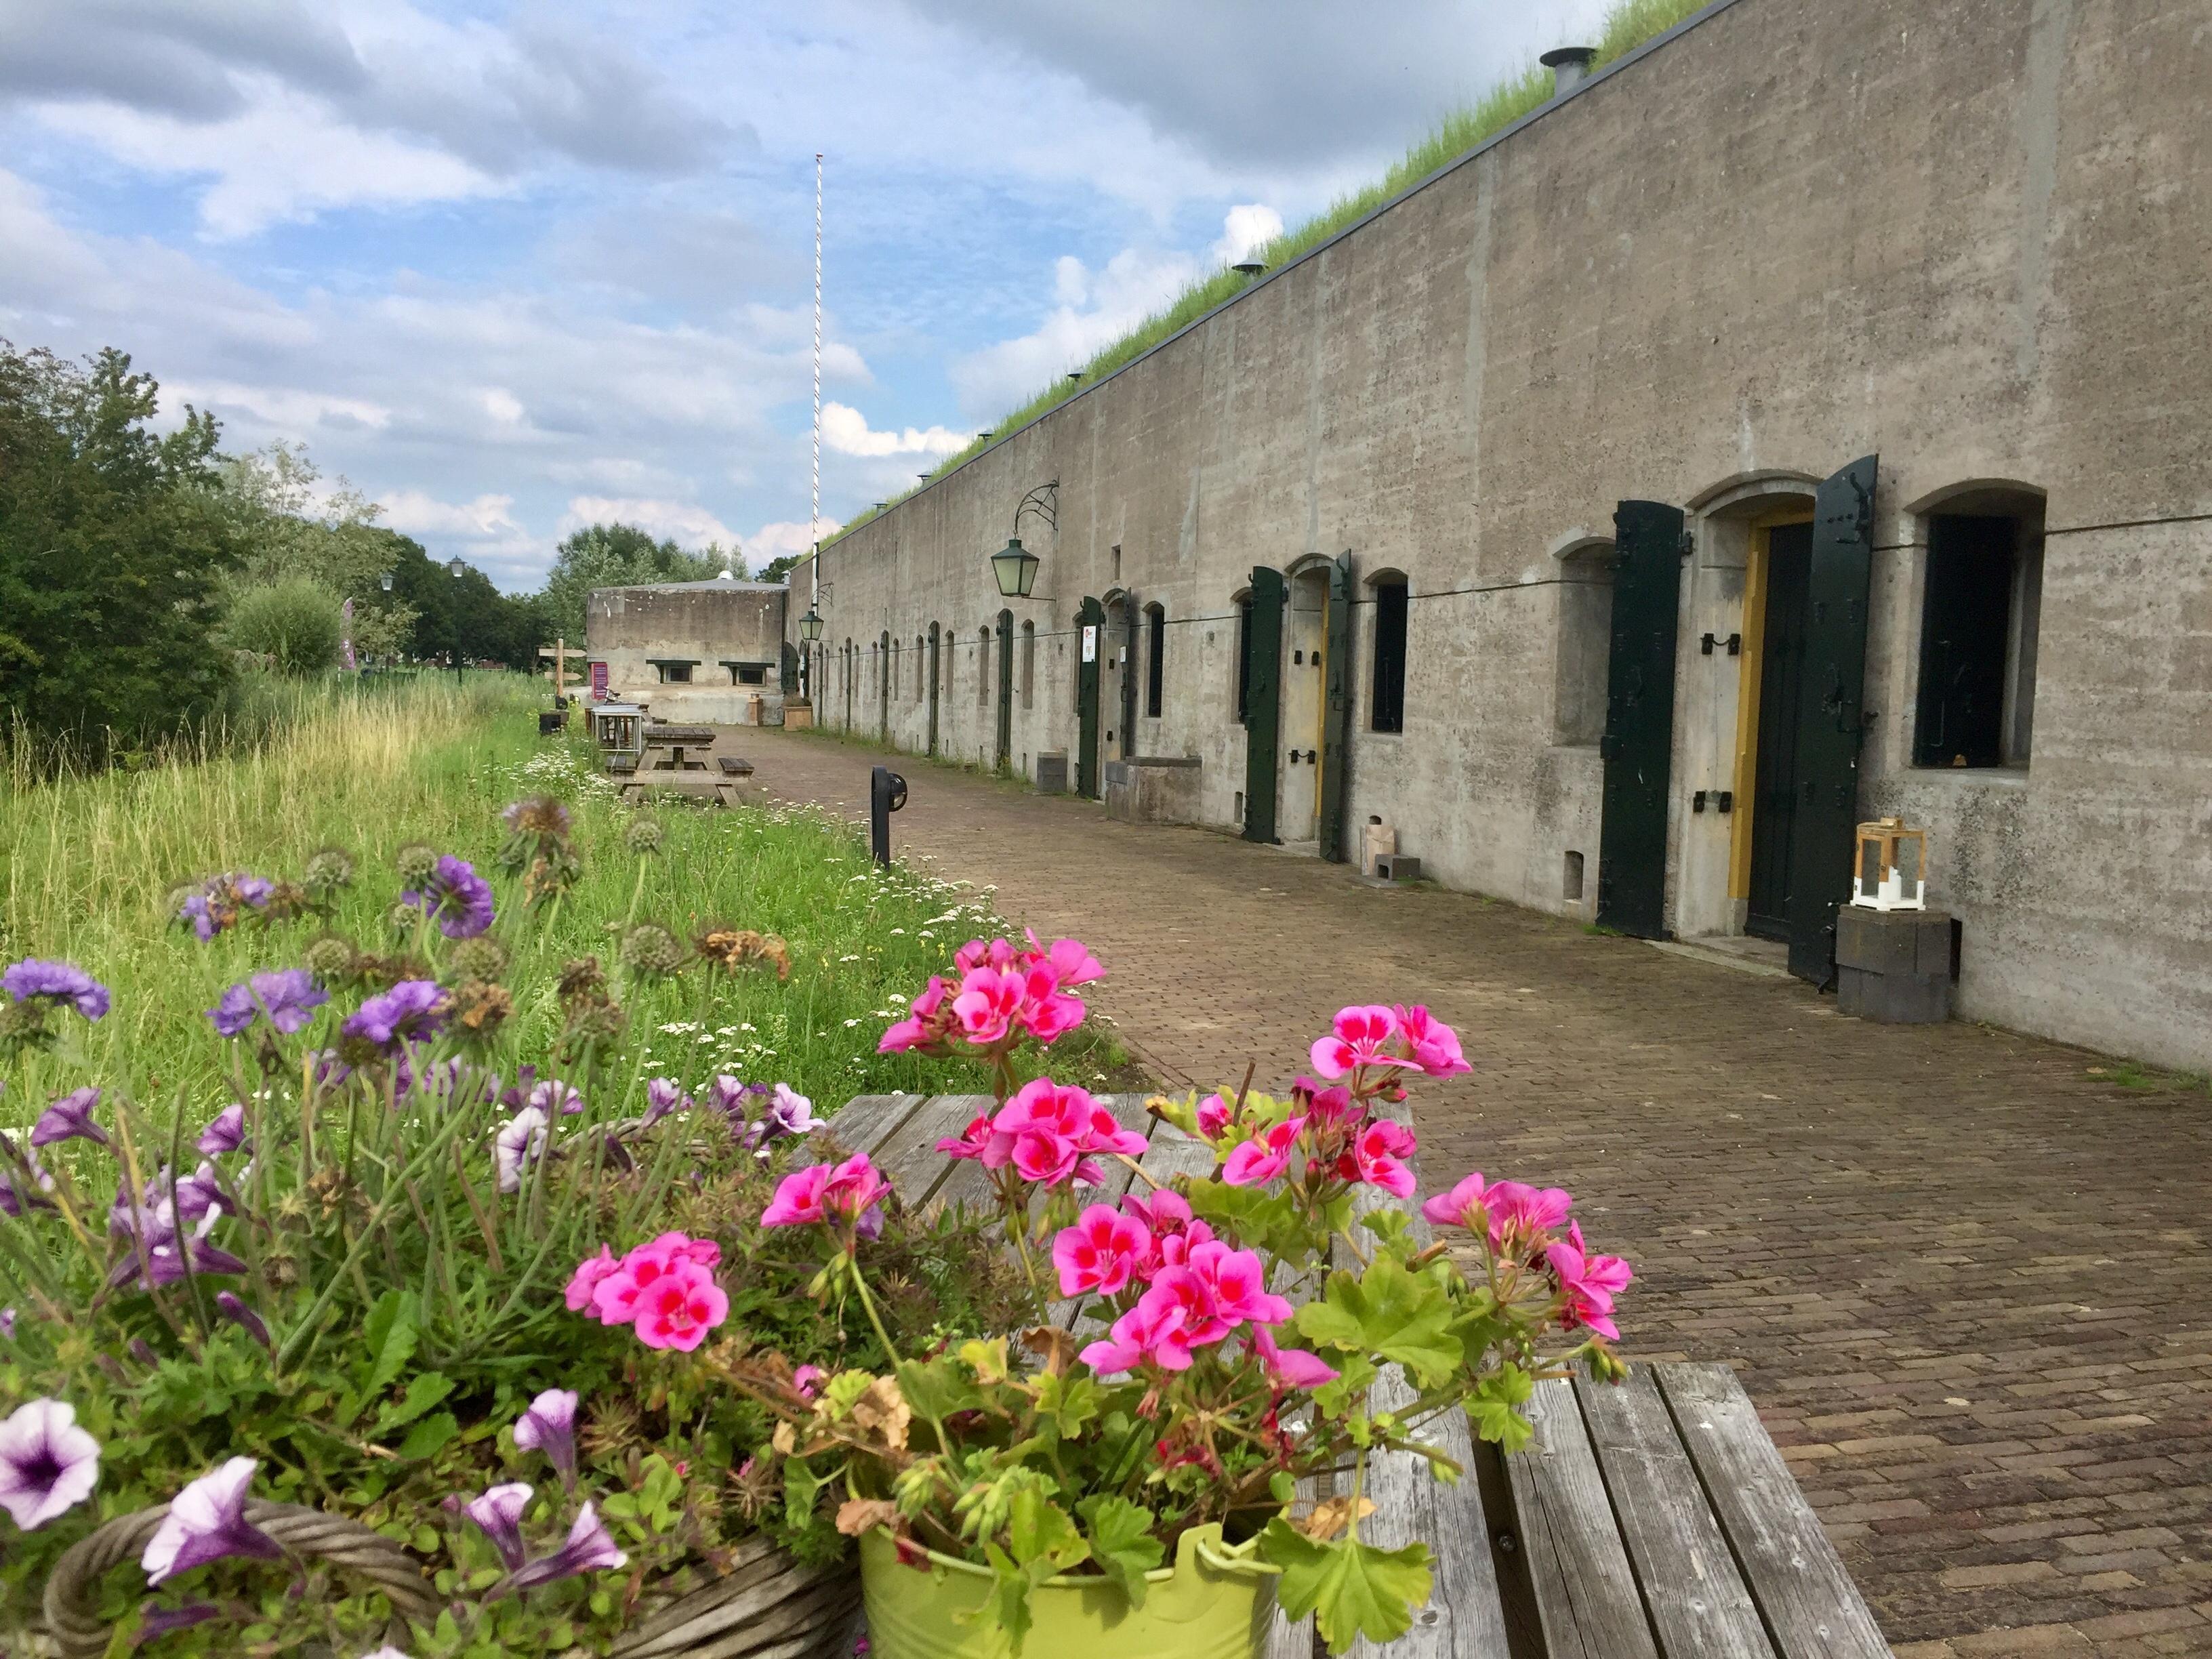 Noord-Holland wil Stelling van Amsterdam bevorderen van provinciaal tot rijksmonument